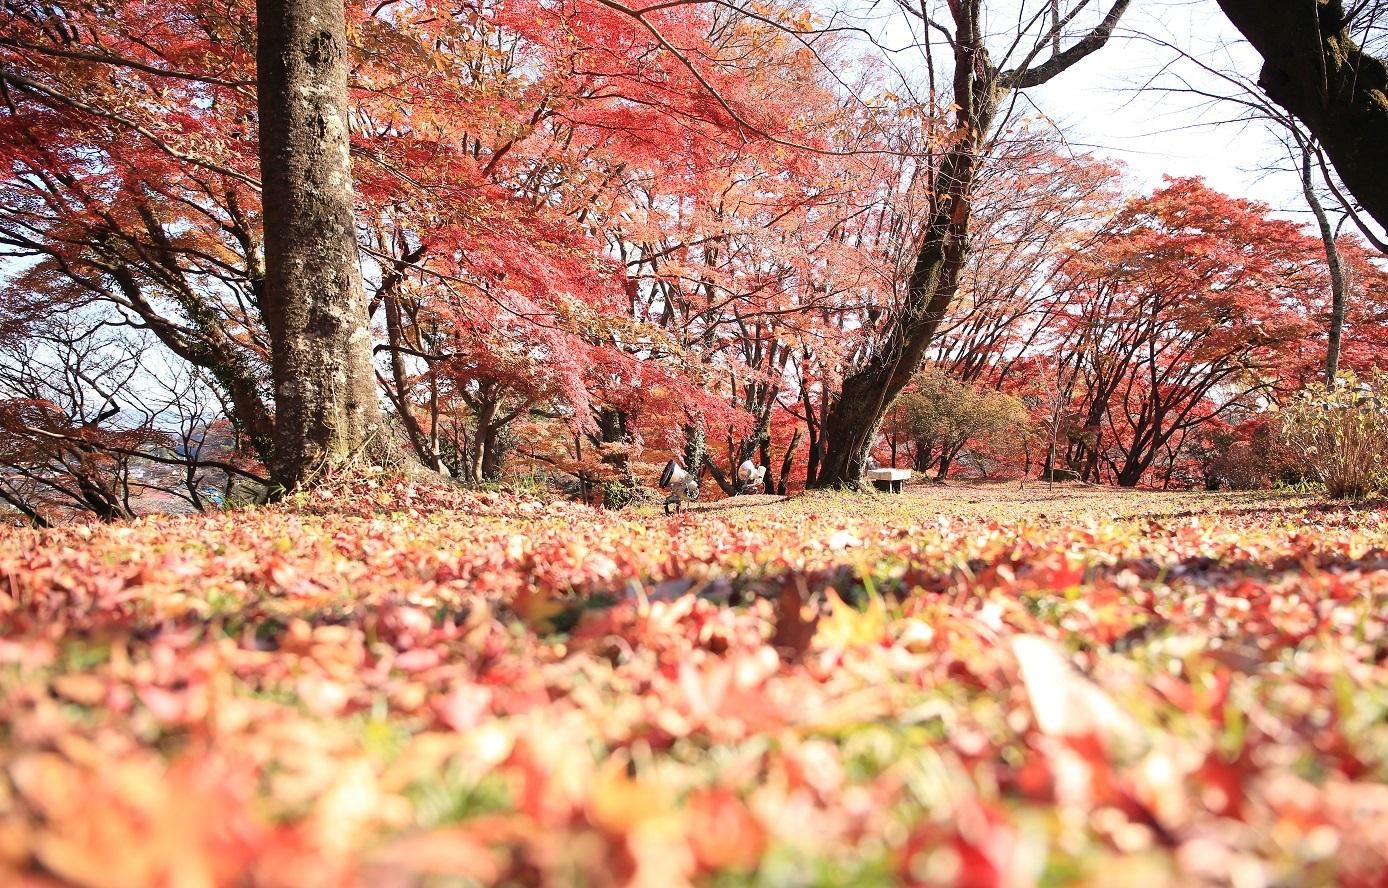 2017 11 17 ブログ 御殿山の紅葉 赤じゅうたんを踏みしめて.jpg